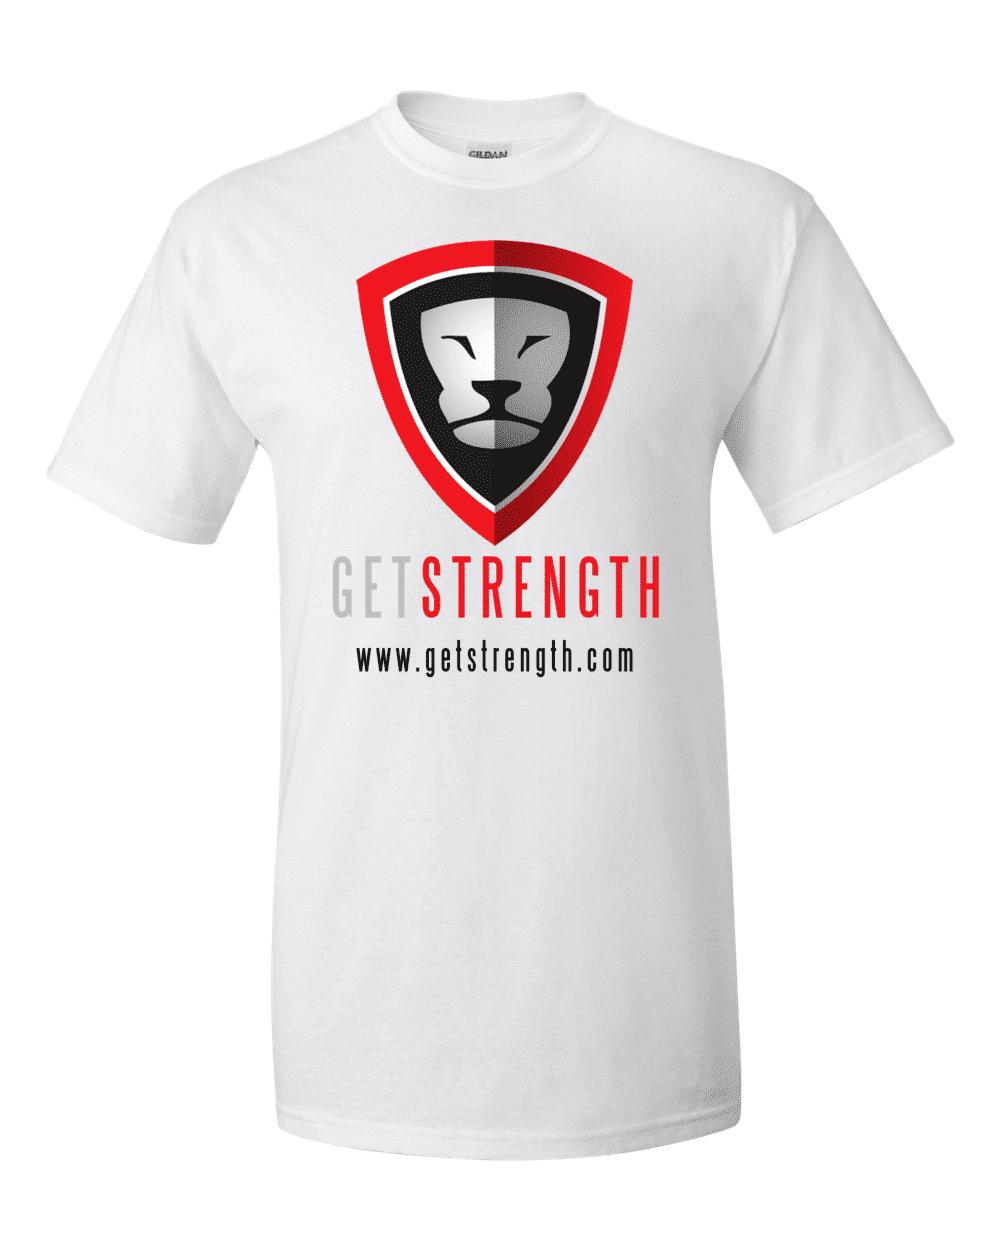 Getstrength T-Shirt (White) - Light